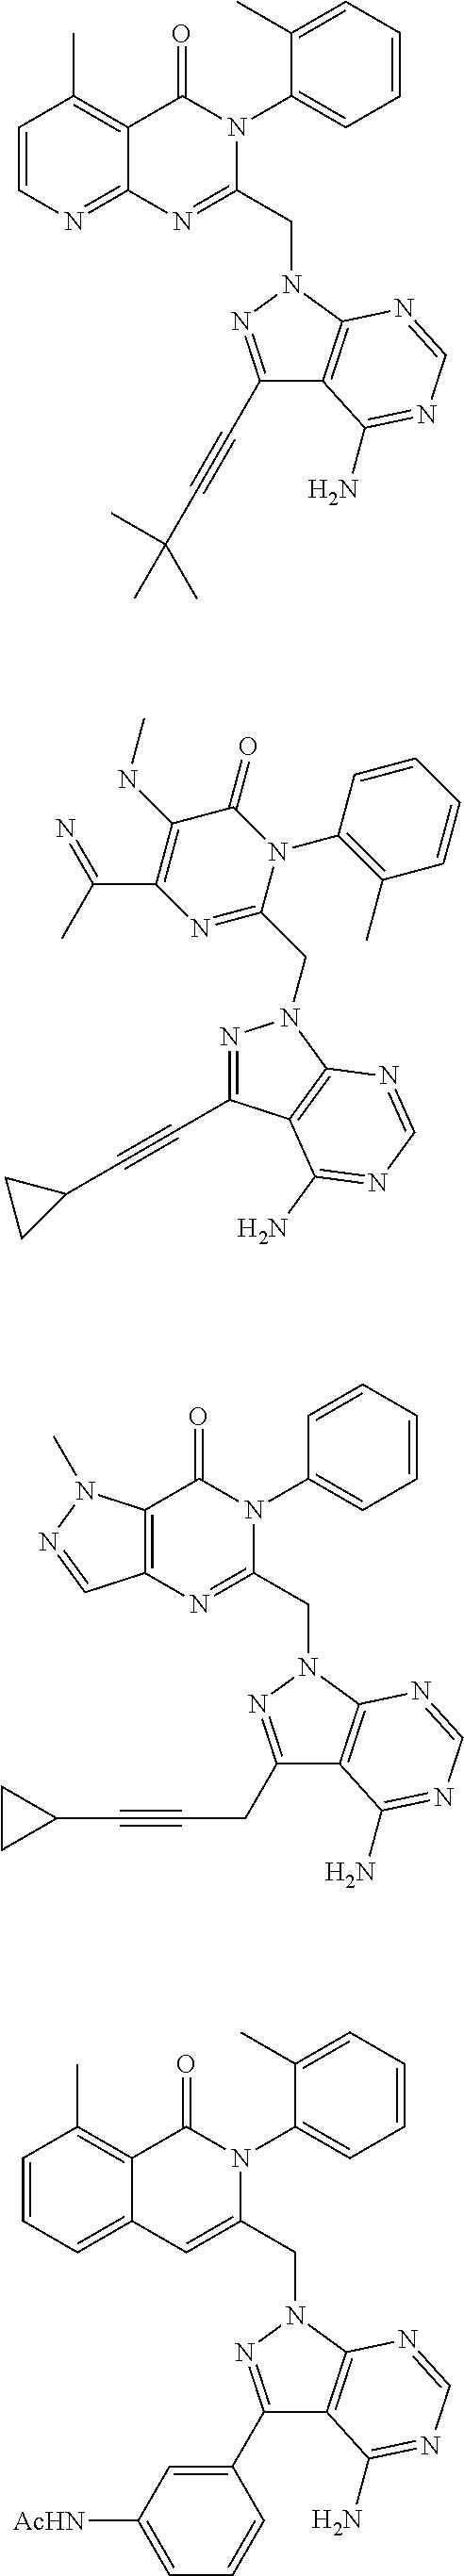 Figure US20110046165A1-20110224-C00328